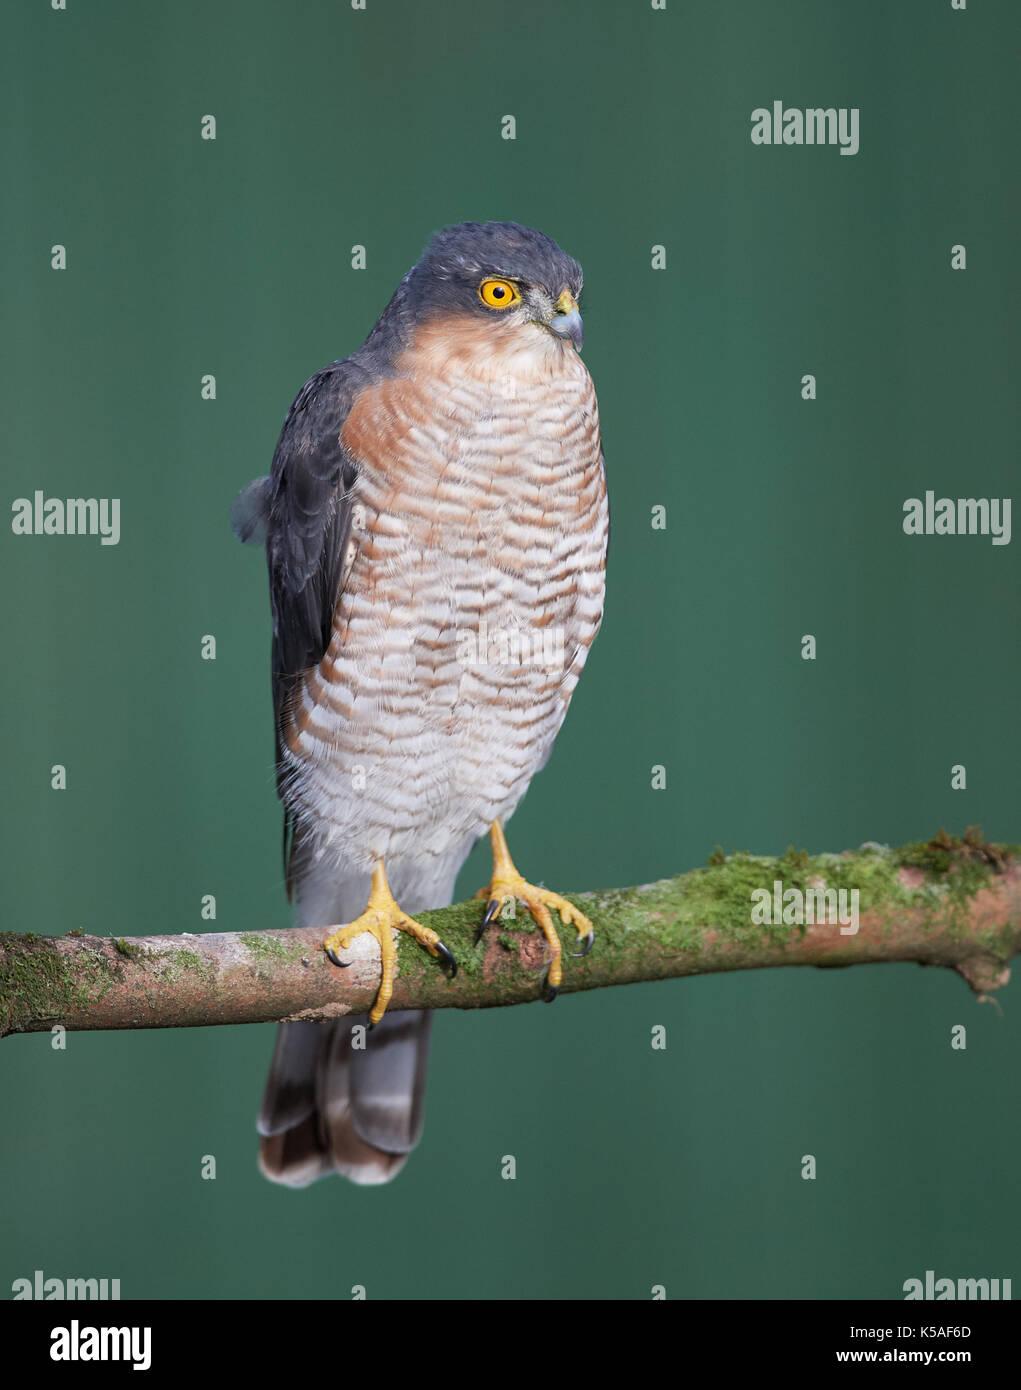 Sperber jagen kleine Vögel Stockfoto